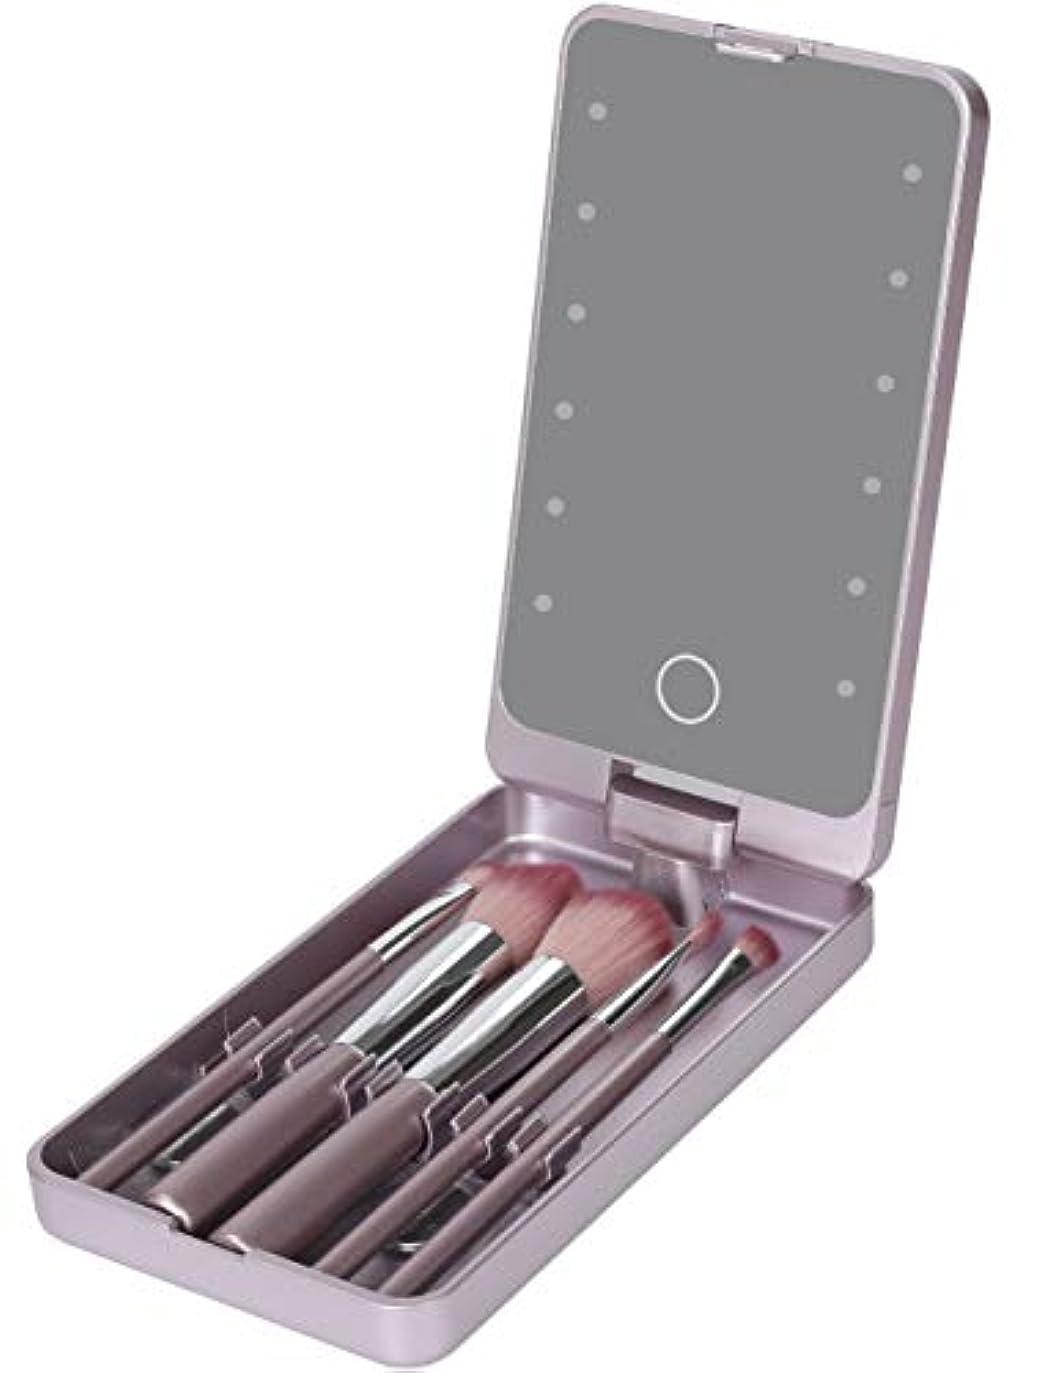 やめるヒップ引き付けるLooife 化粧鏡 led ミラー 5化粧ブラシ付き ライト付き女優ミラー 携帯型 (紫の)